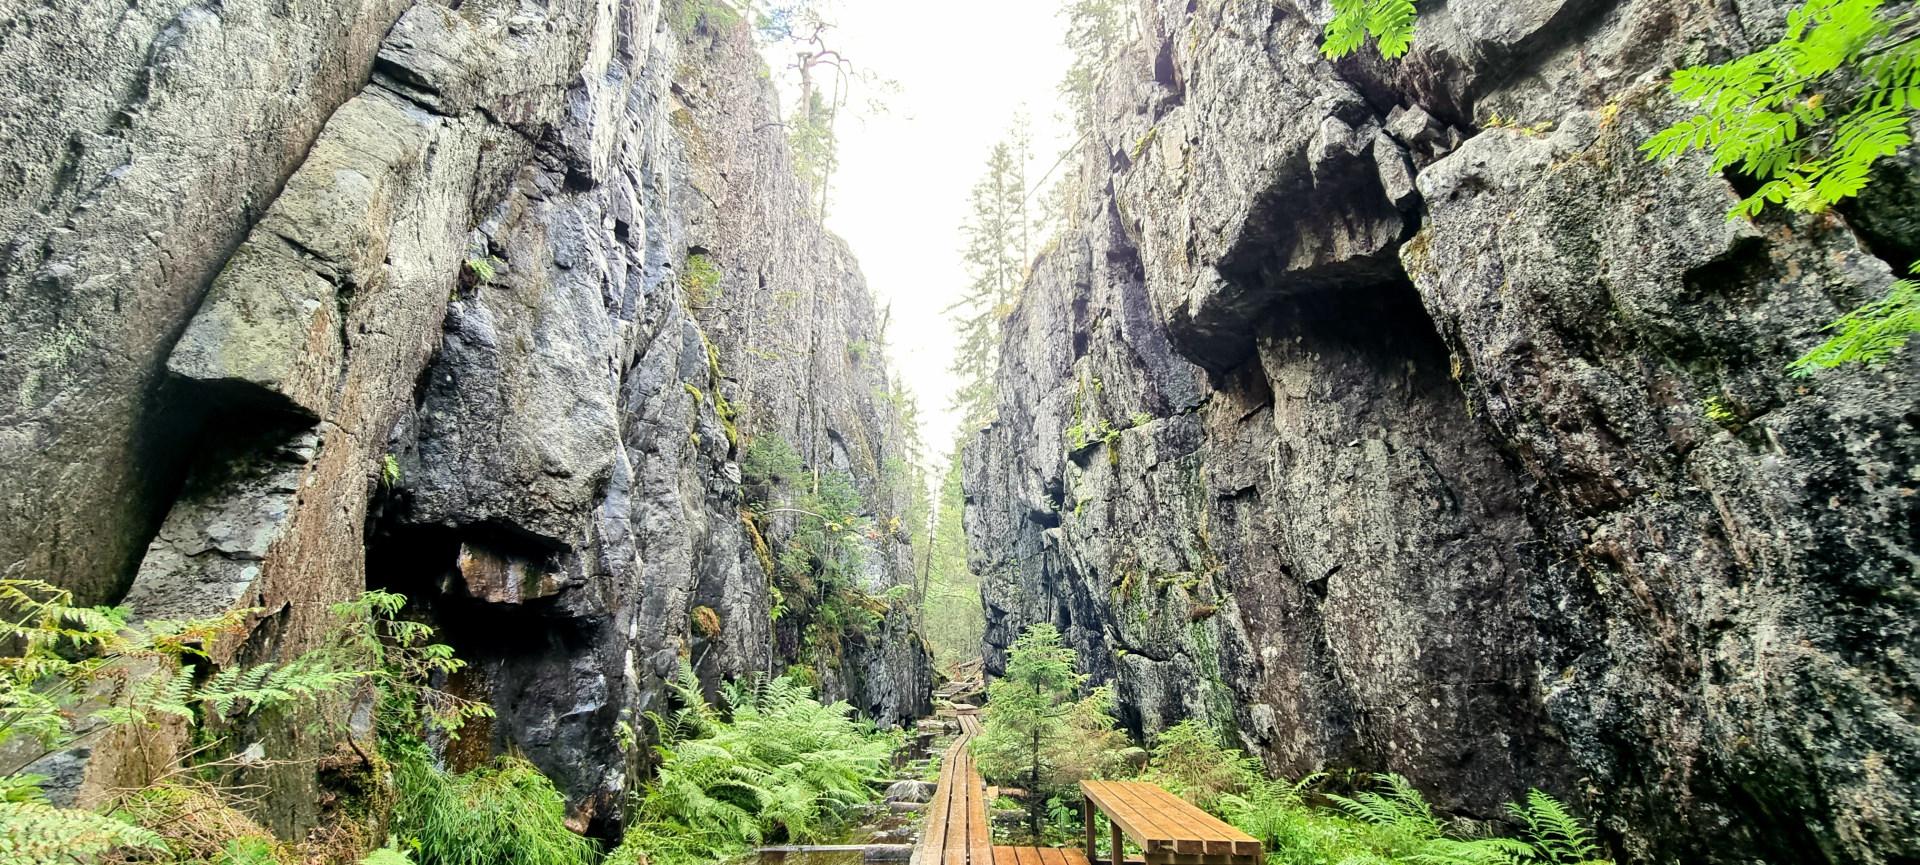 Orinoron rotko Leppävirta Mustinmäen kylä. Orinoro gorge at Leppävirta